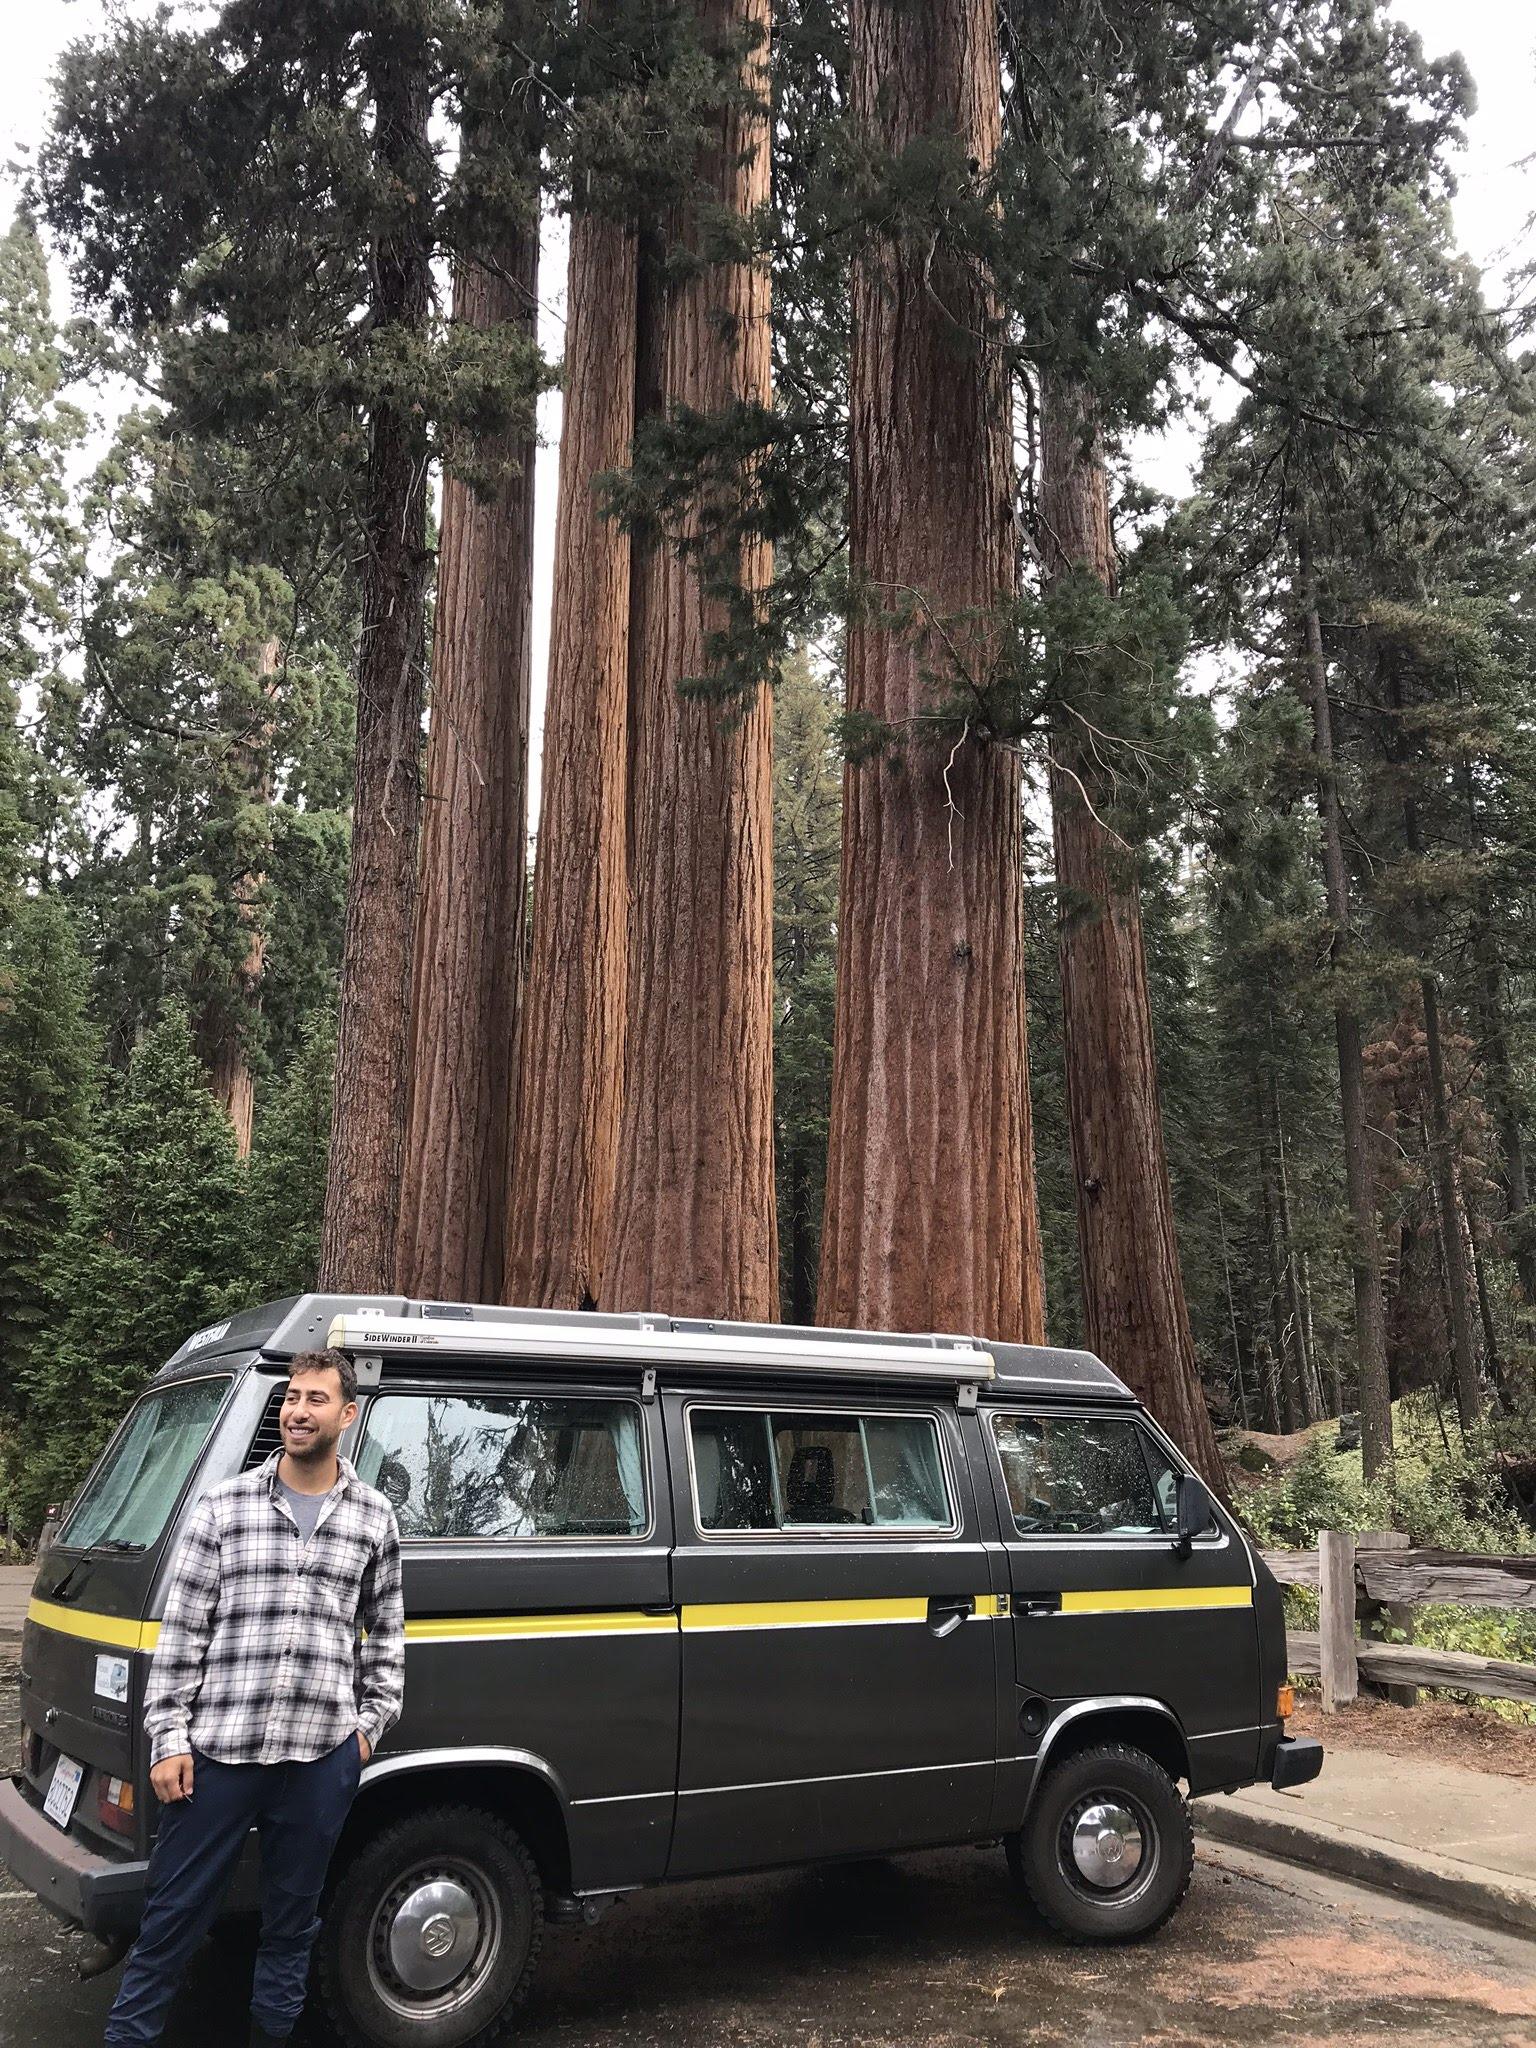 volkswagen van in the trees